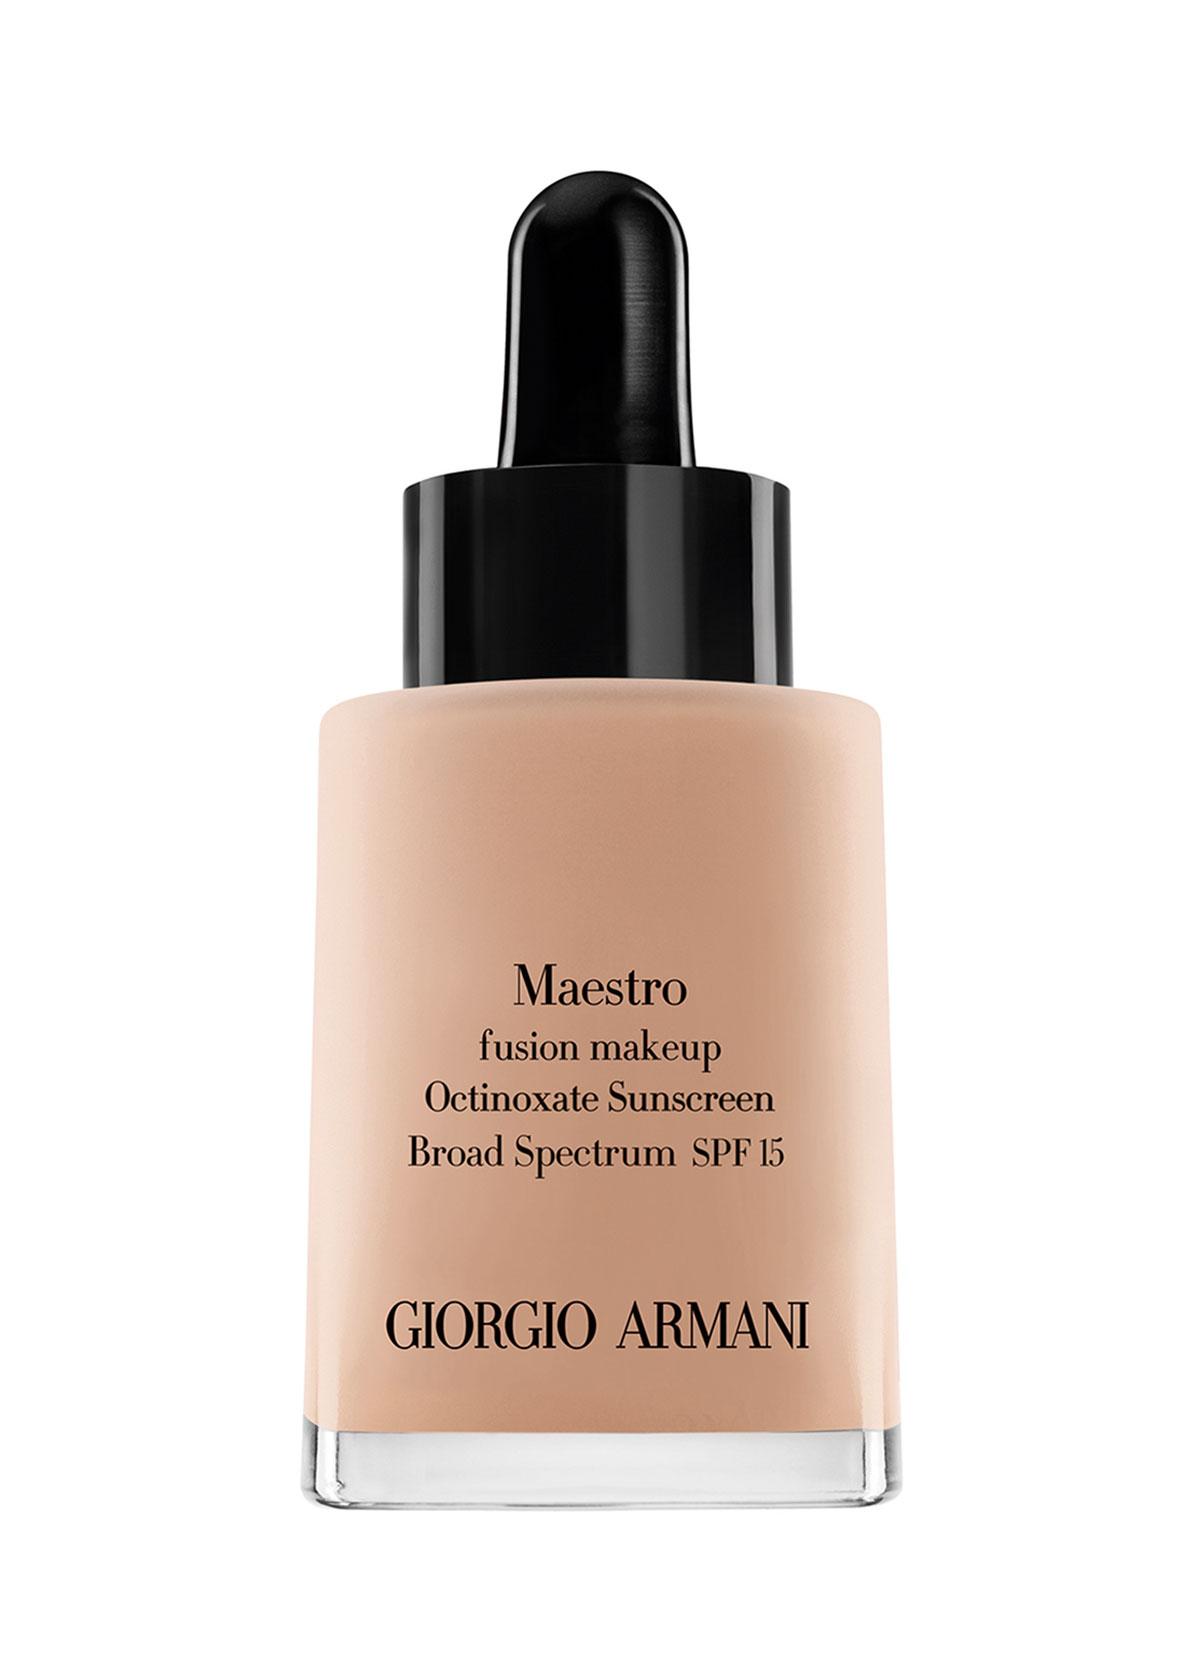 GIORGIO ARMANI Maestro Fusion Makeup Octinoxate Sunscreen Spf 15 3 1 Oz/ 30 Ml